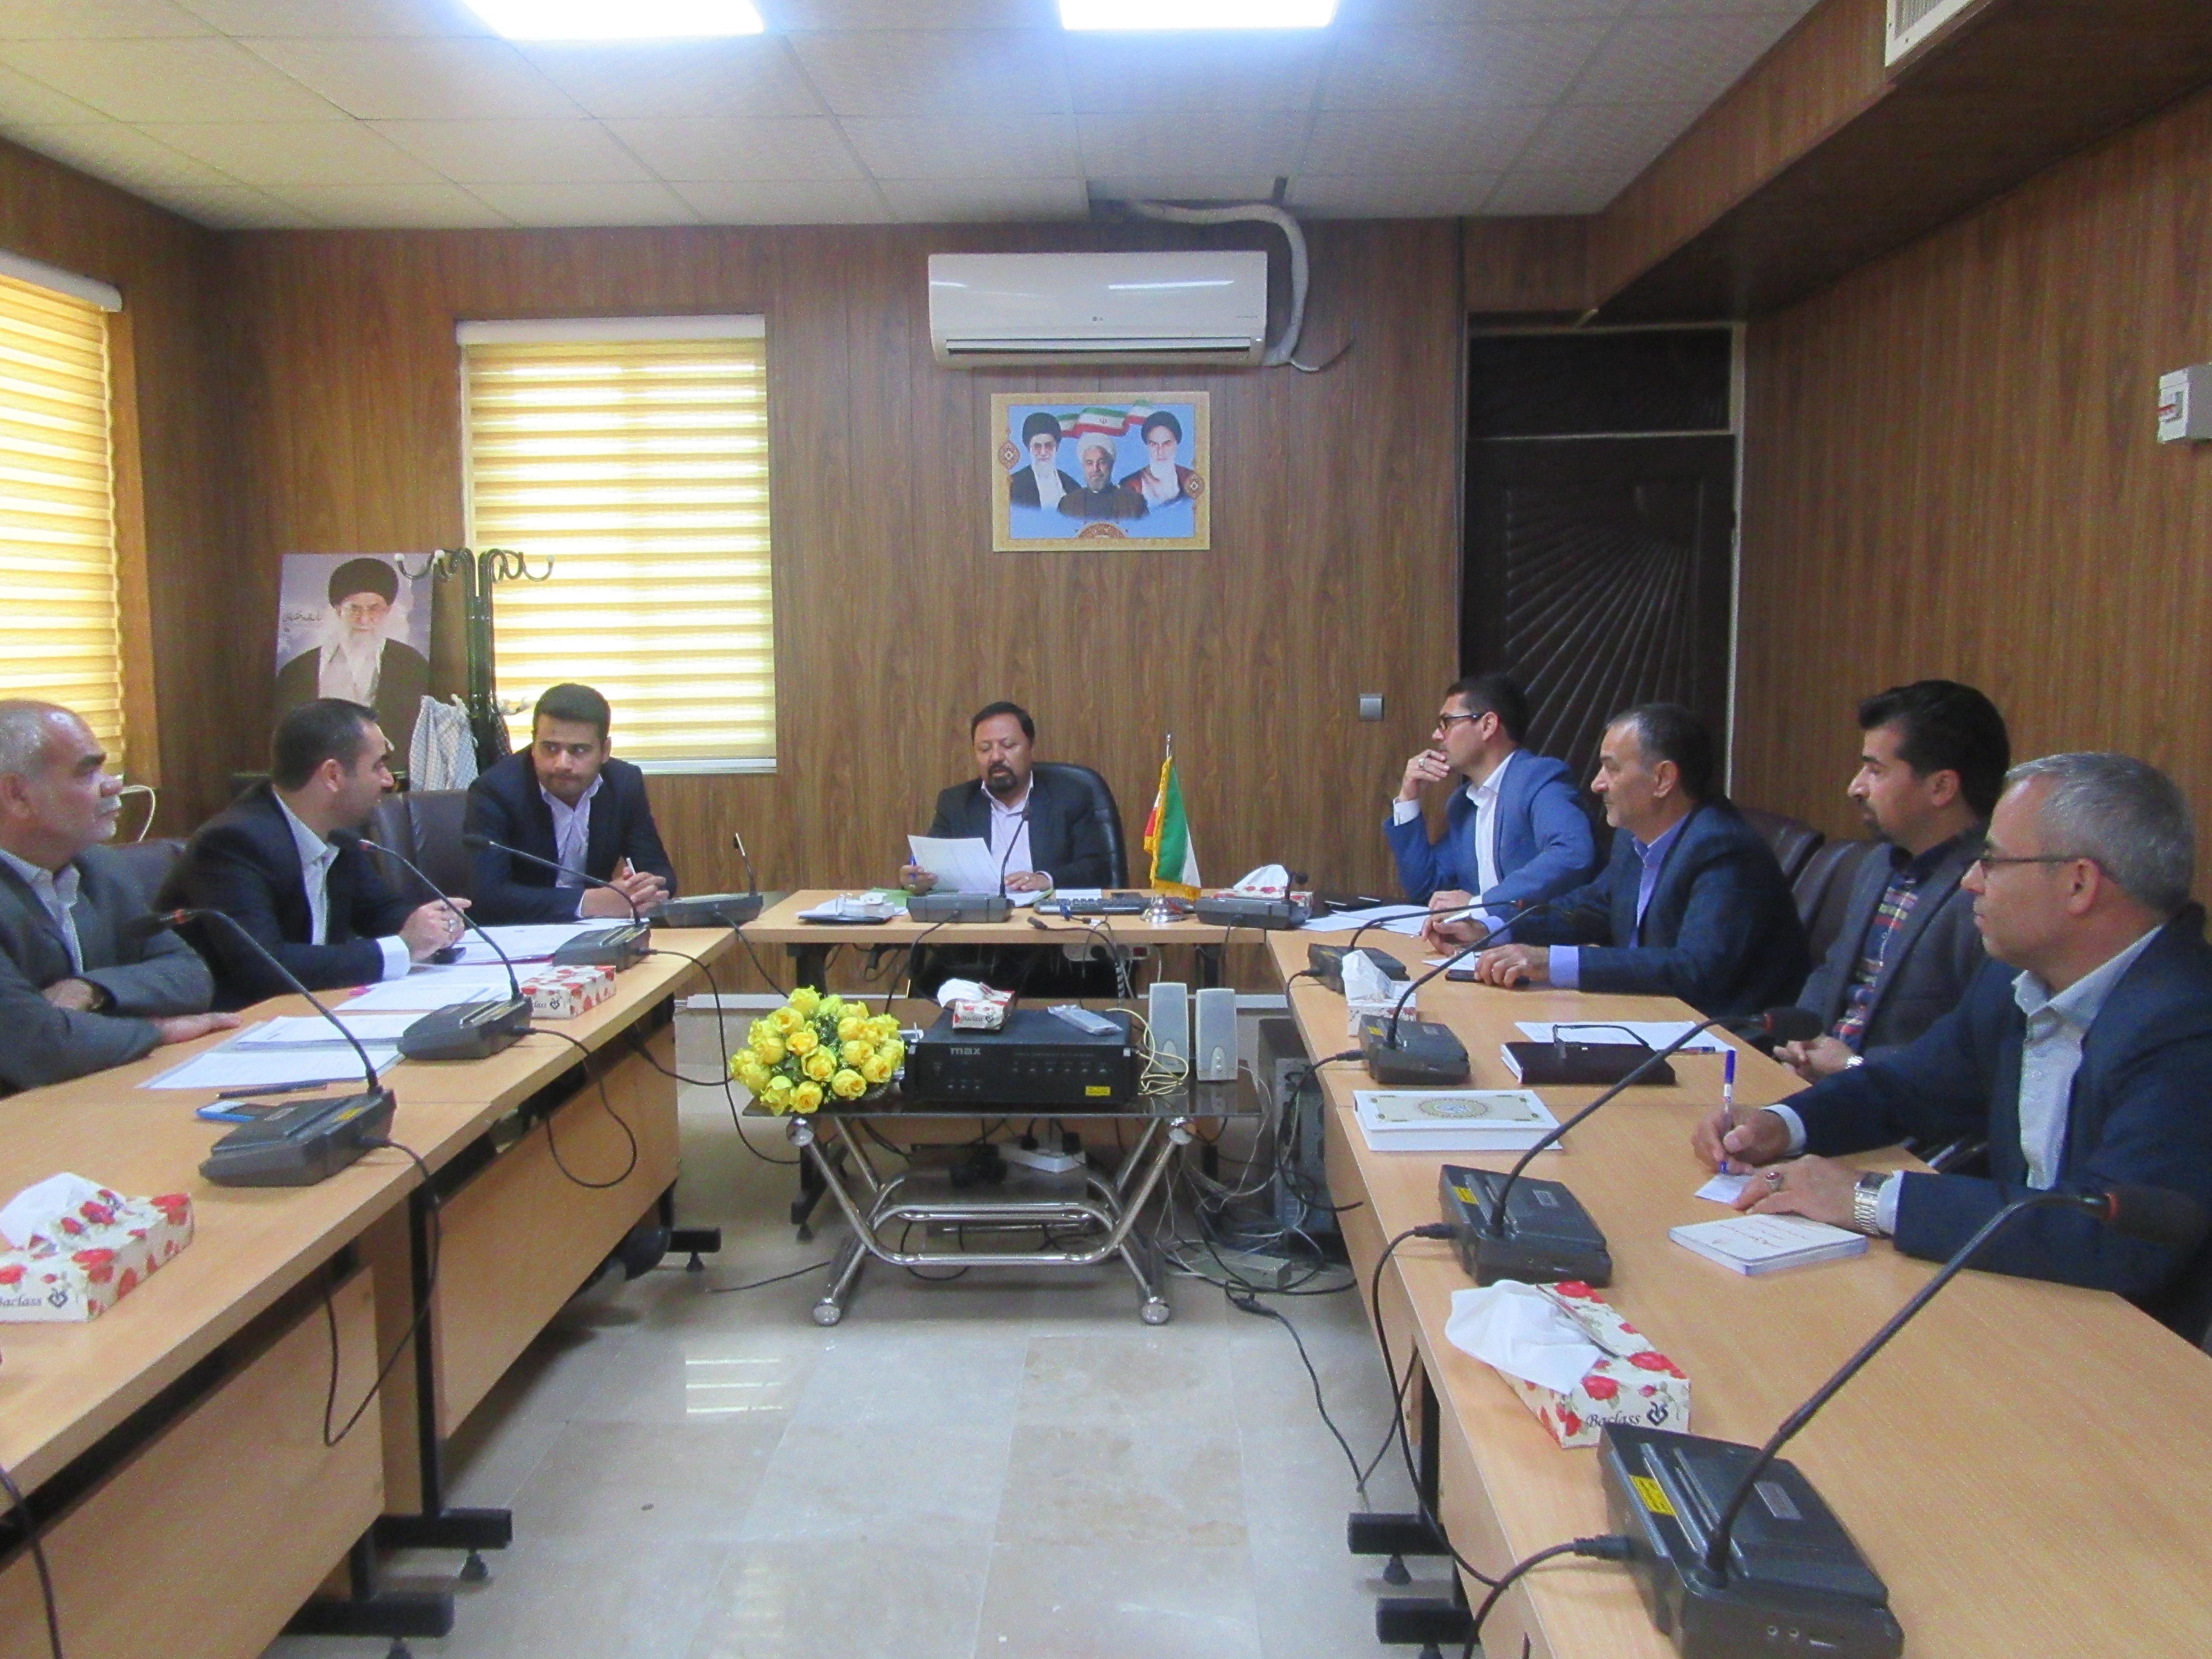 کارگروه آردو نان شهرستان خواف در محل فرمانداری برگزار گردید.